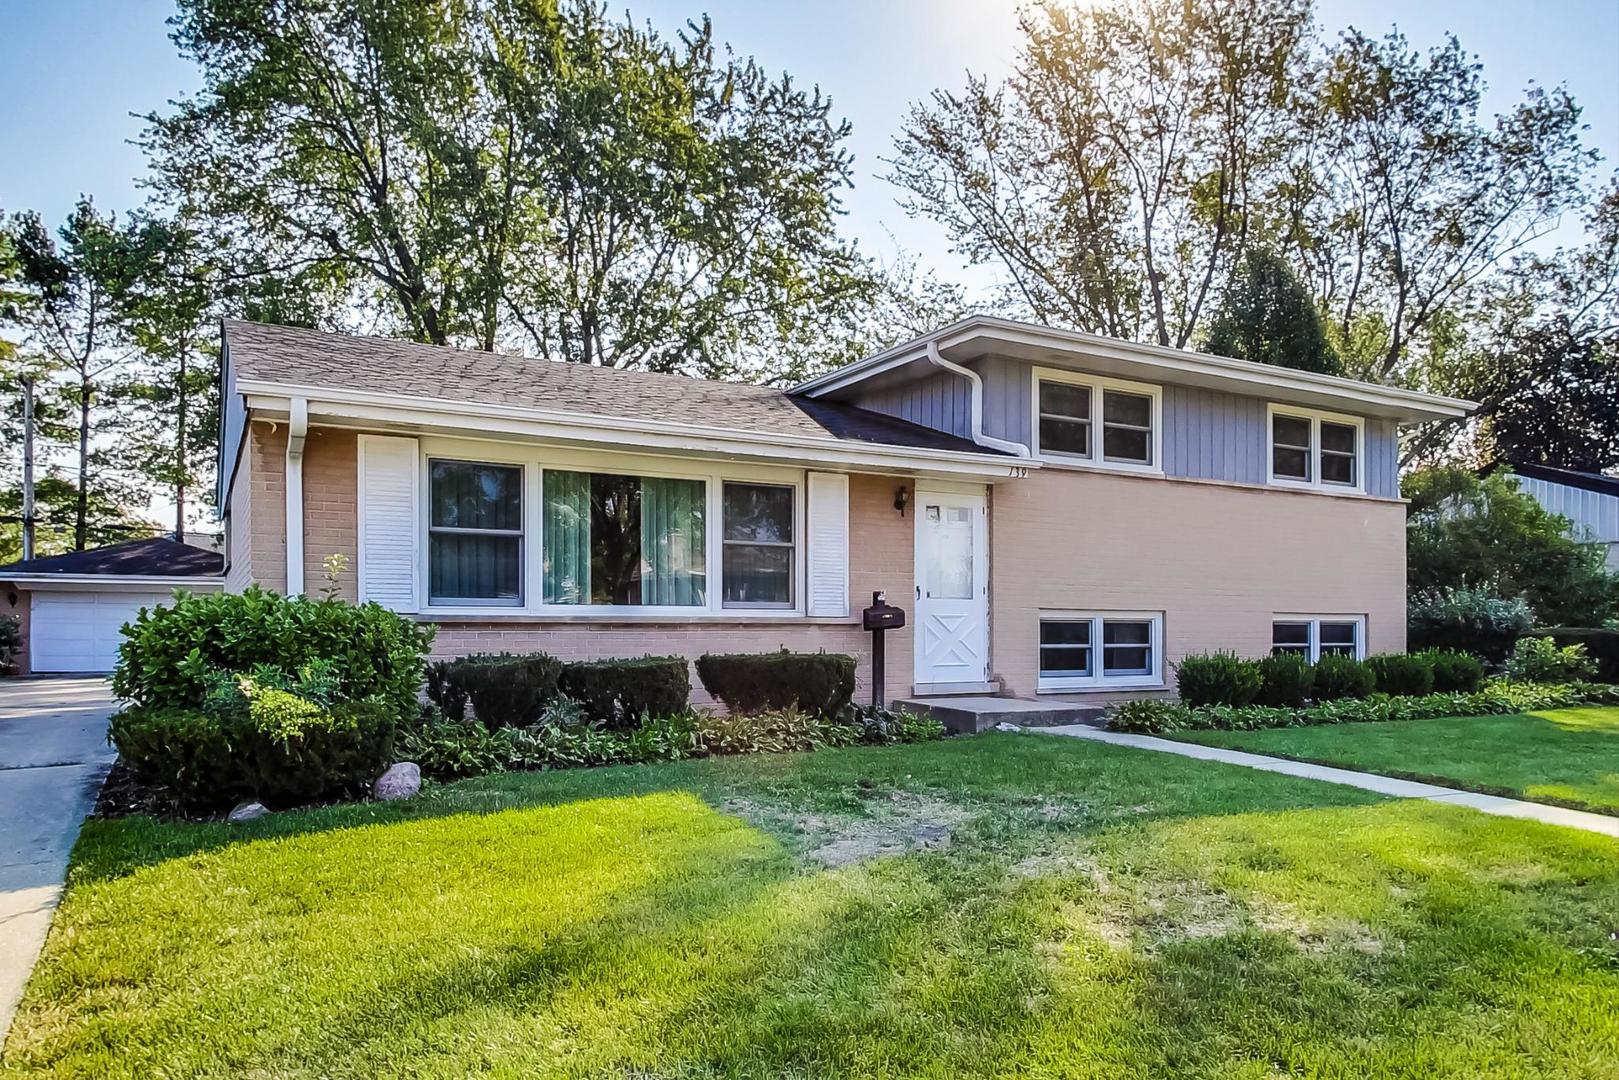 139 Michael Manor, Glenview, IL 60025